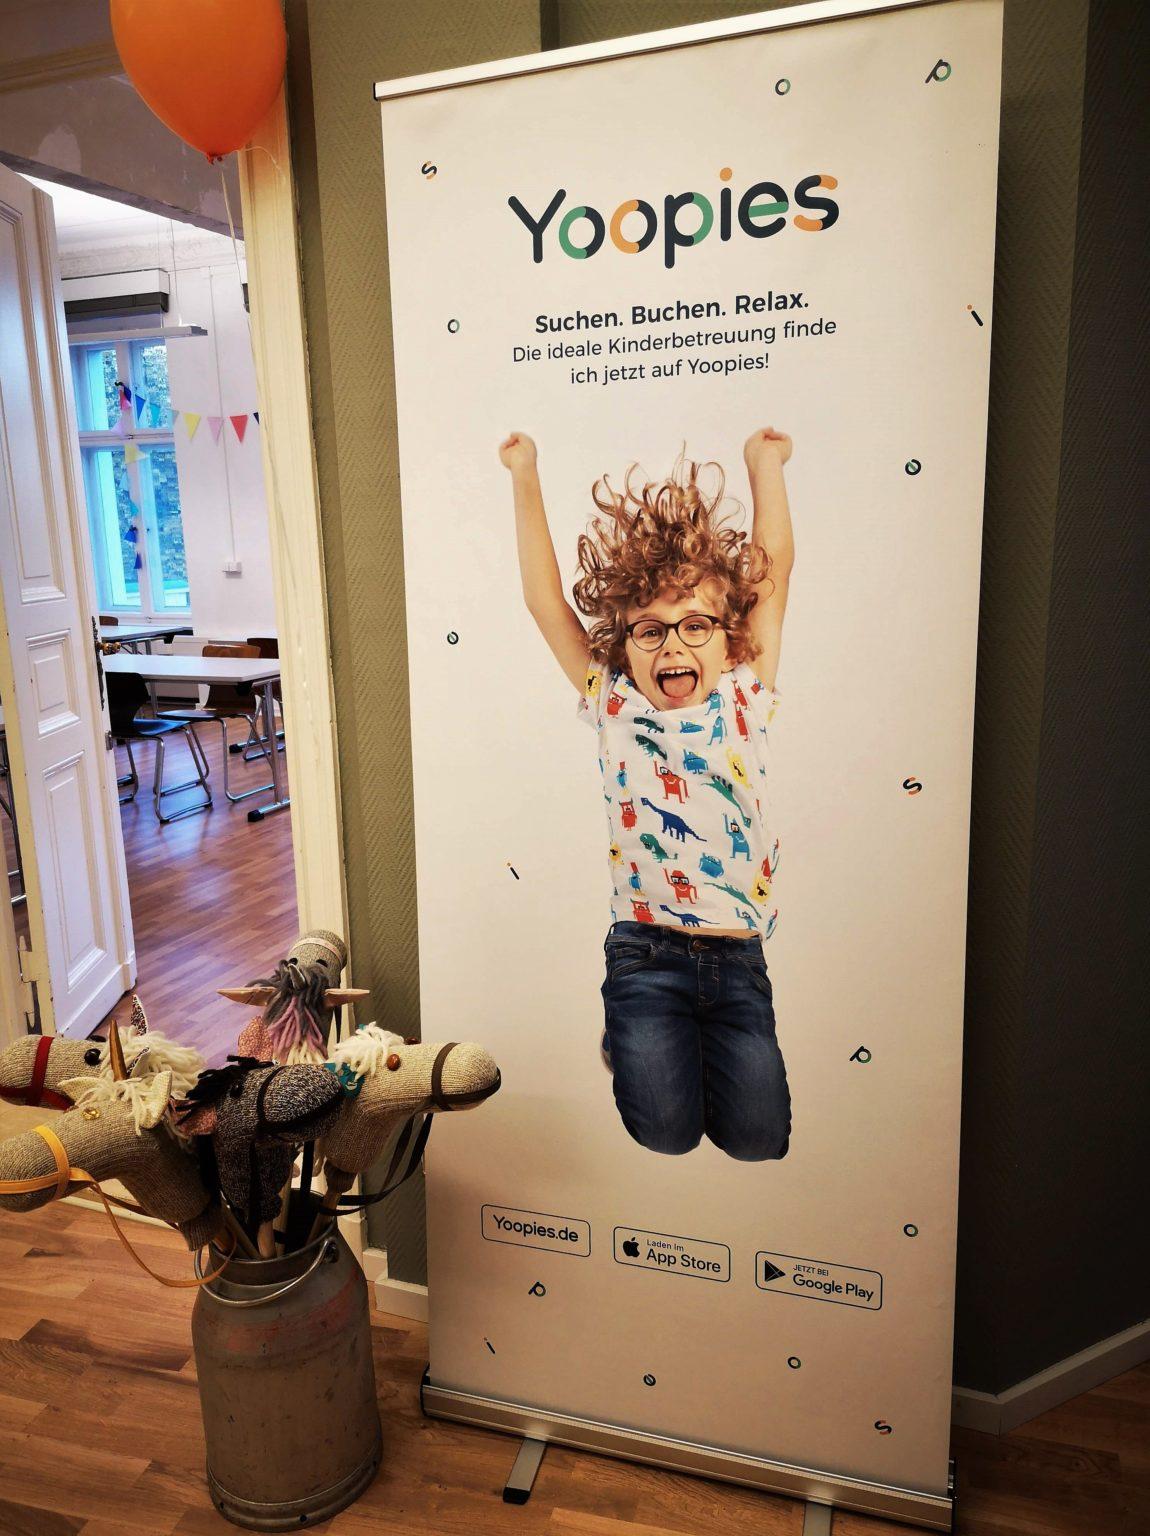 yoopies_deutschland_grossekoepfe